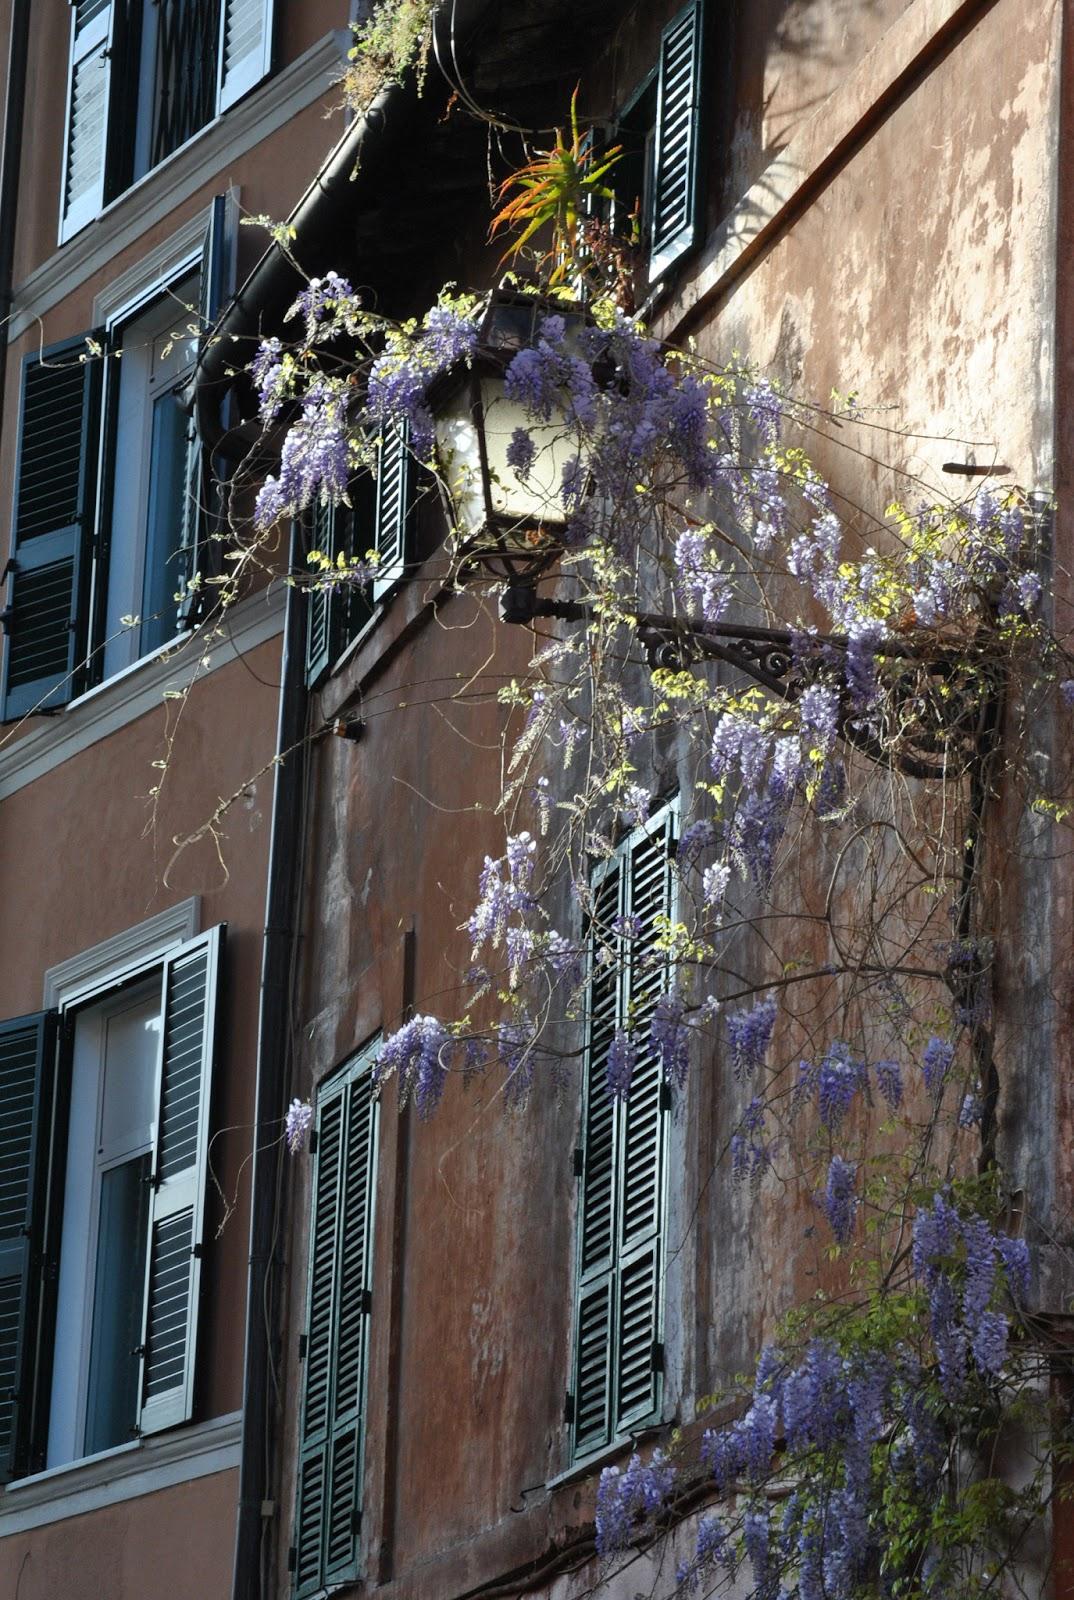 Wisteria Vicolo del Piede Trastevere.©Claudio Ianniello